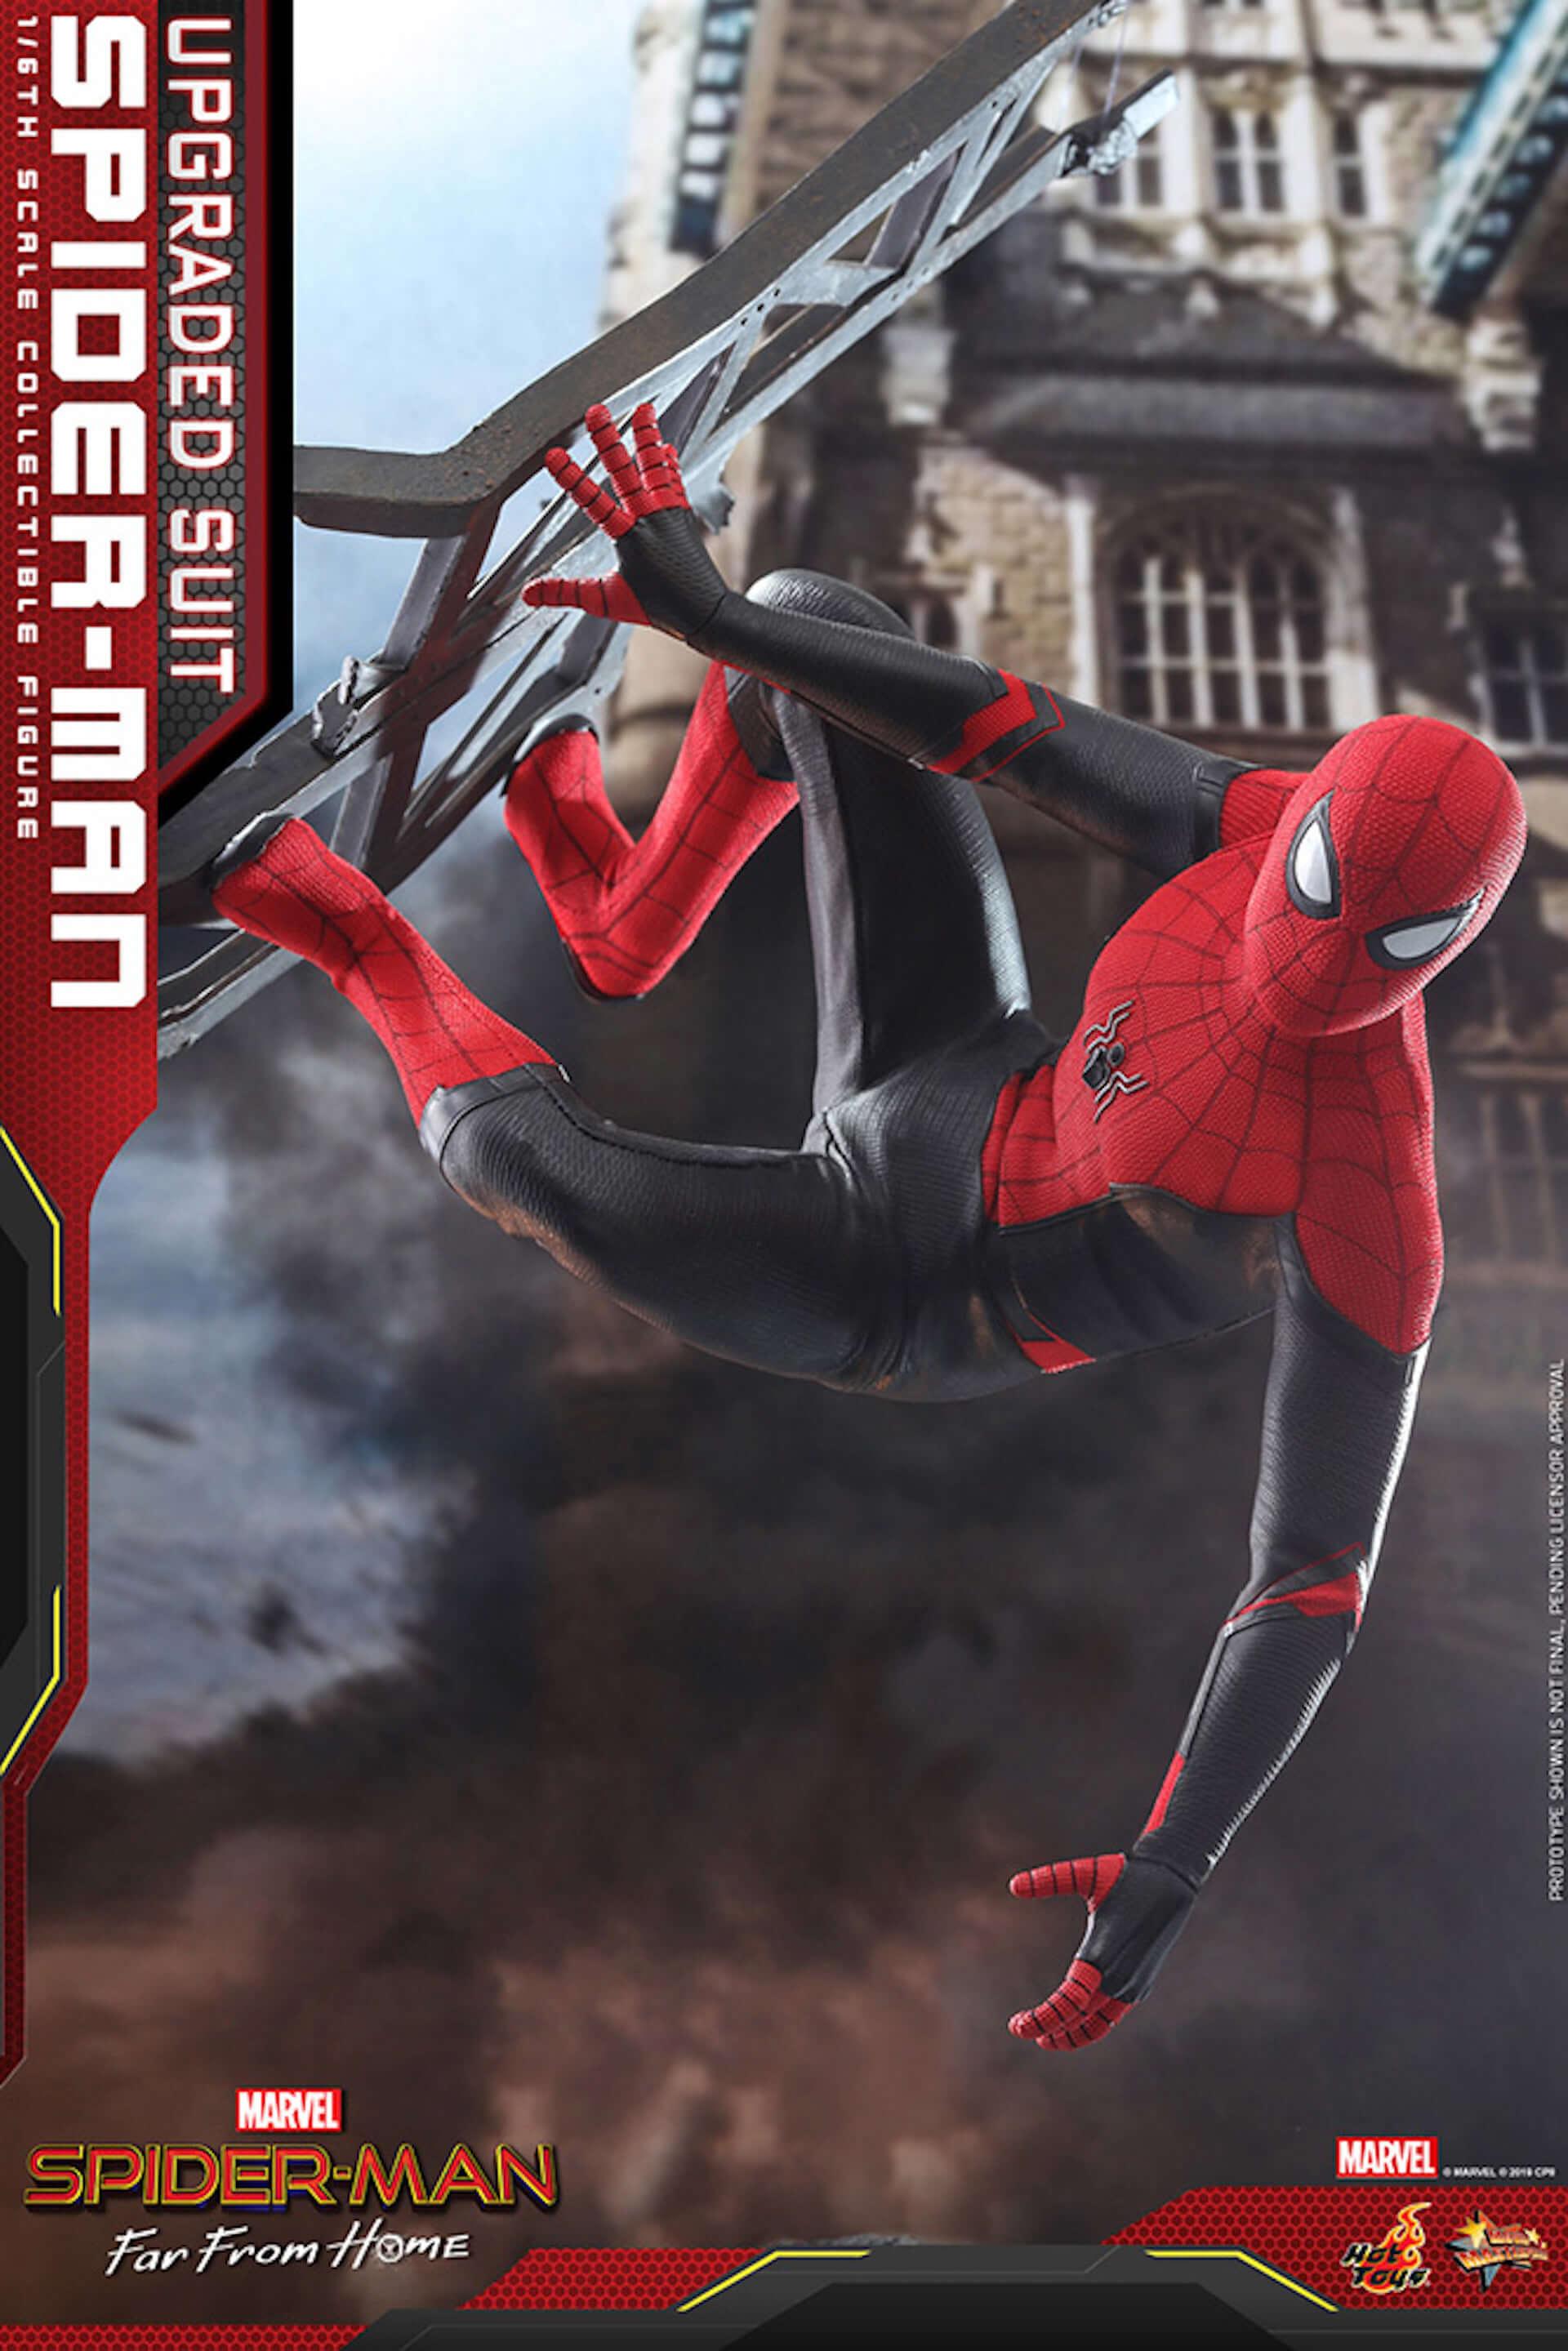 新生スパイダーマン誕生!『スパイダーマン:ファー・フロム・ホーム』のアップグレードスーツが完全フィギュア化 film190702_sffh_upgrade_7-1920x2879